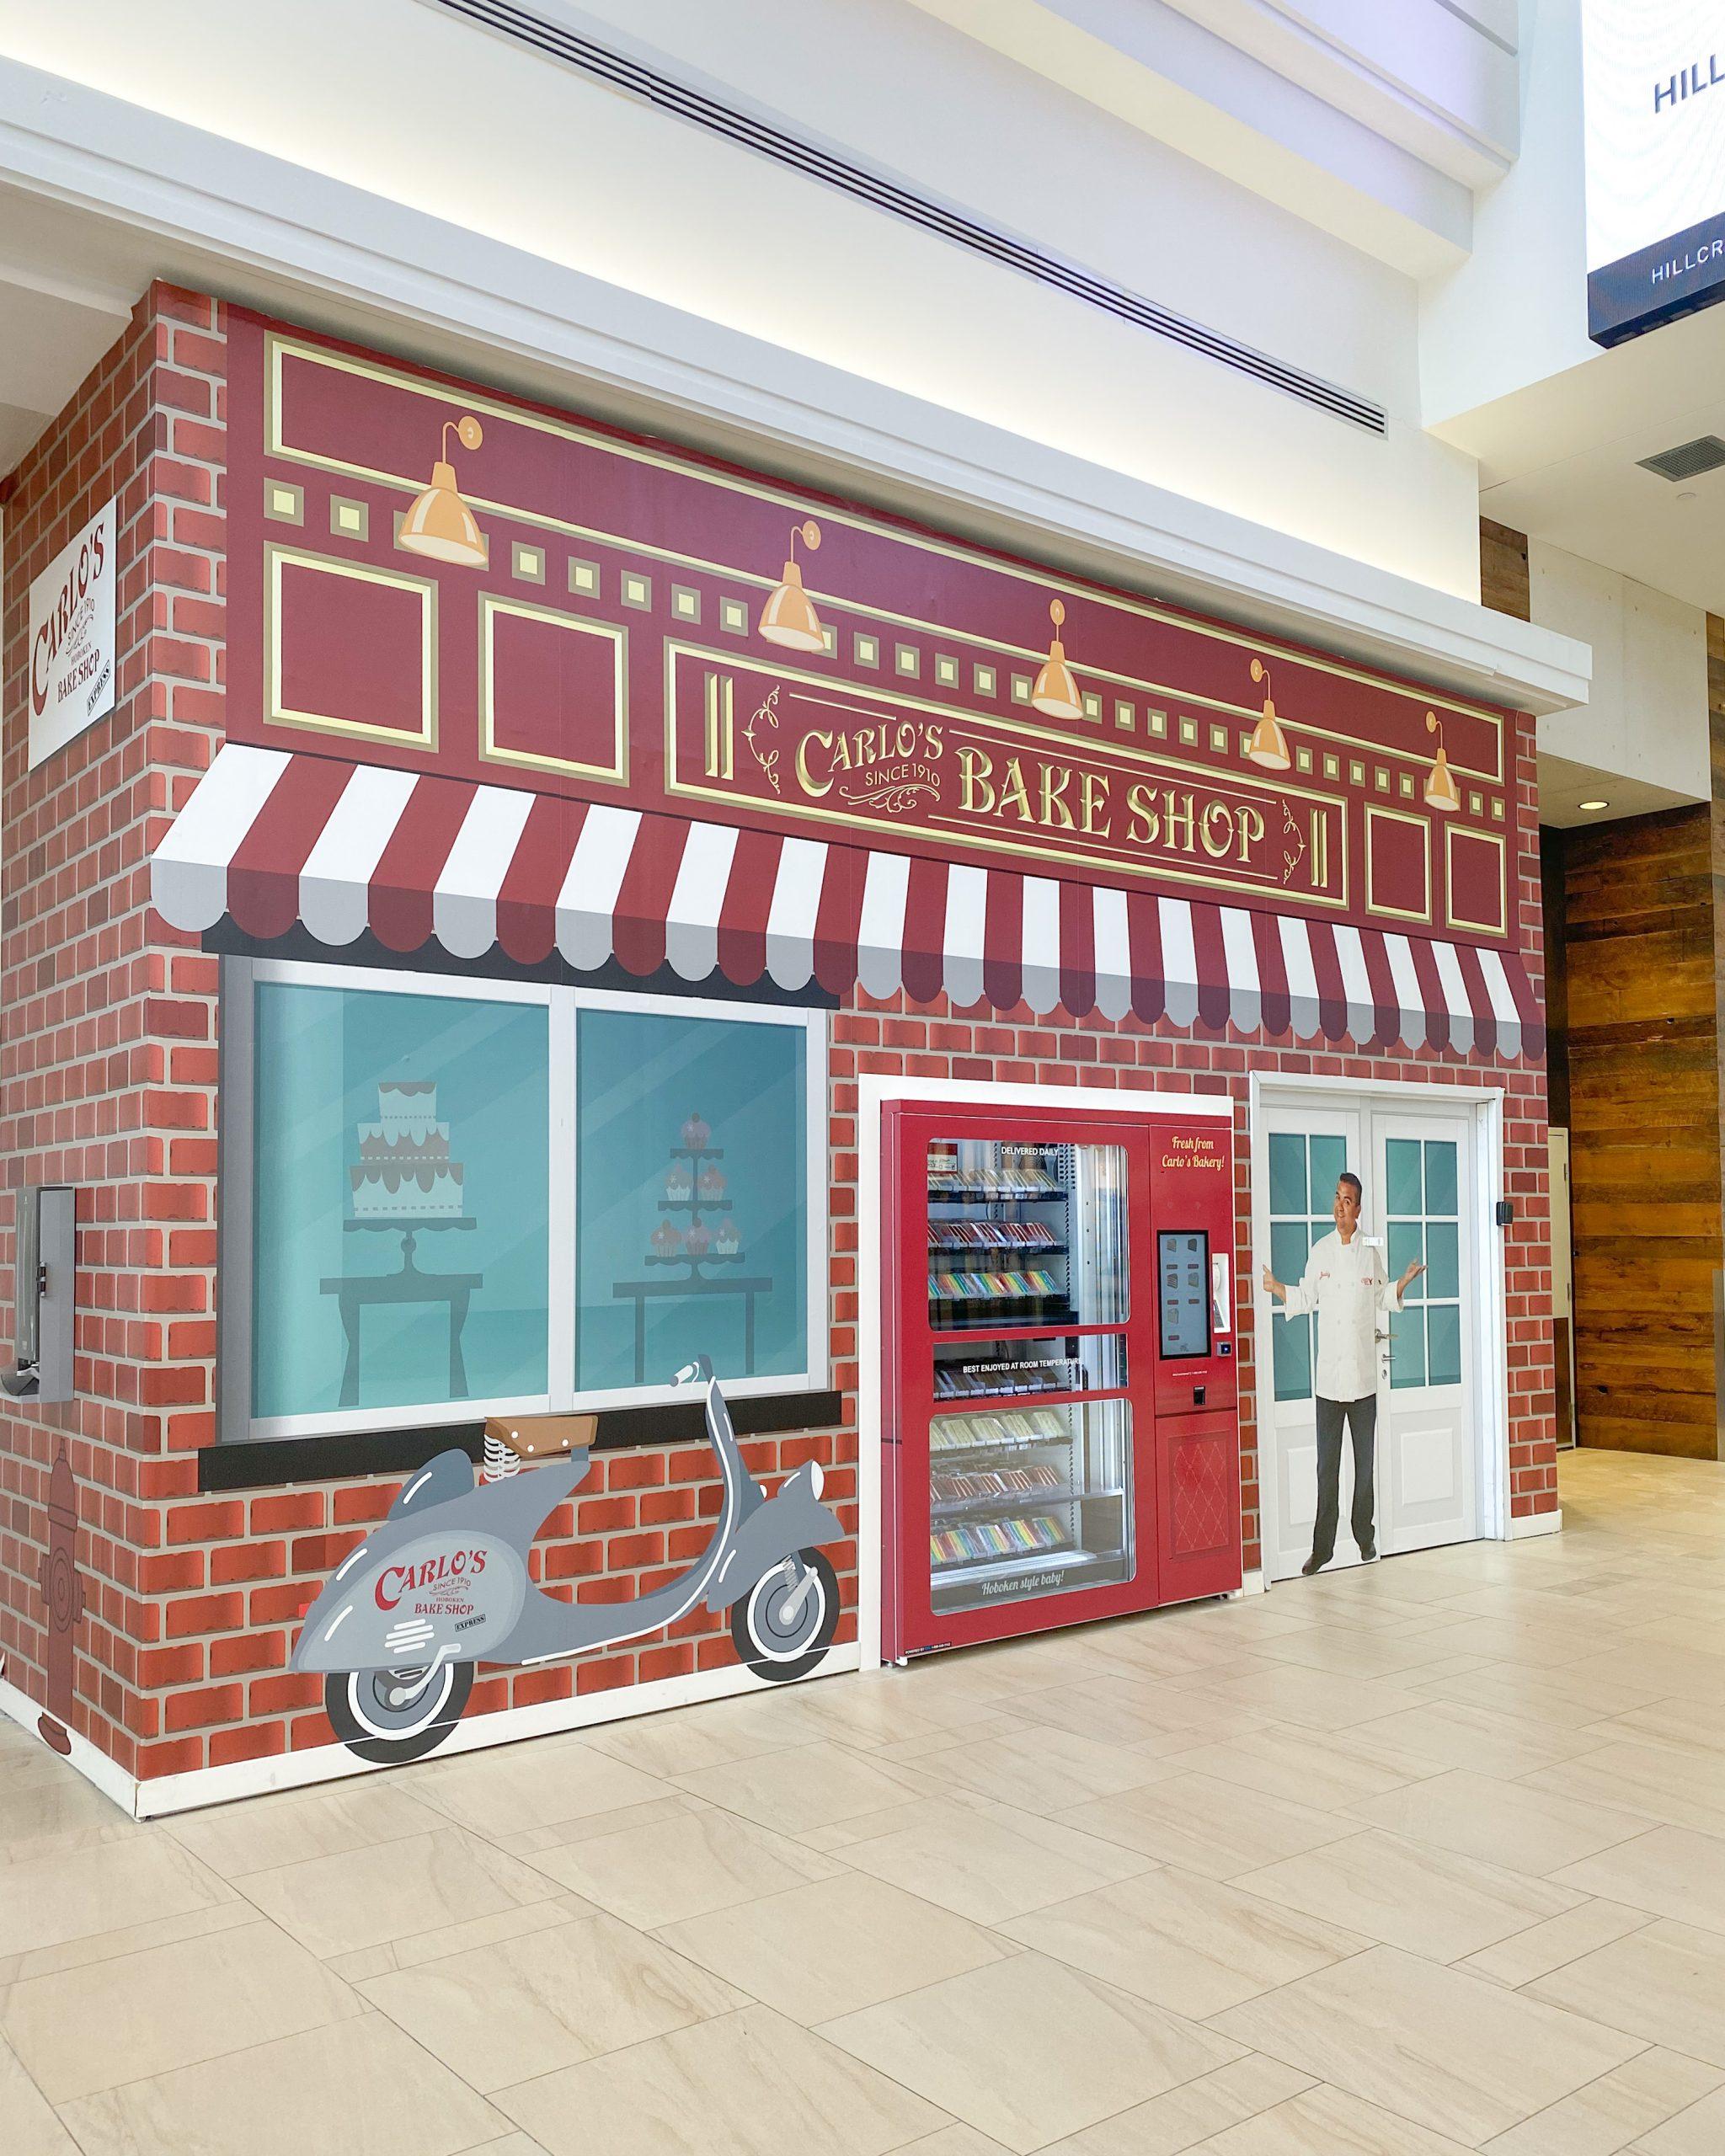 Carlo's Bake shop pop up at Hillcrest